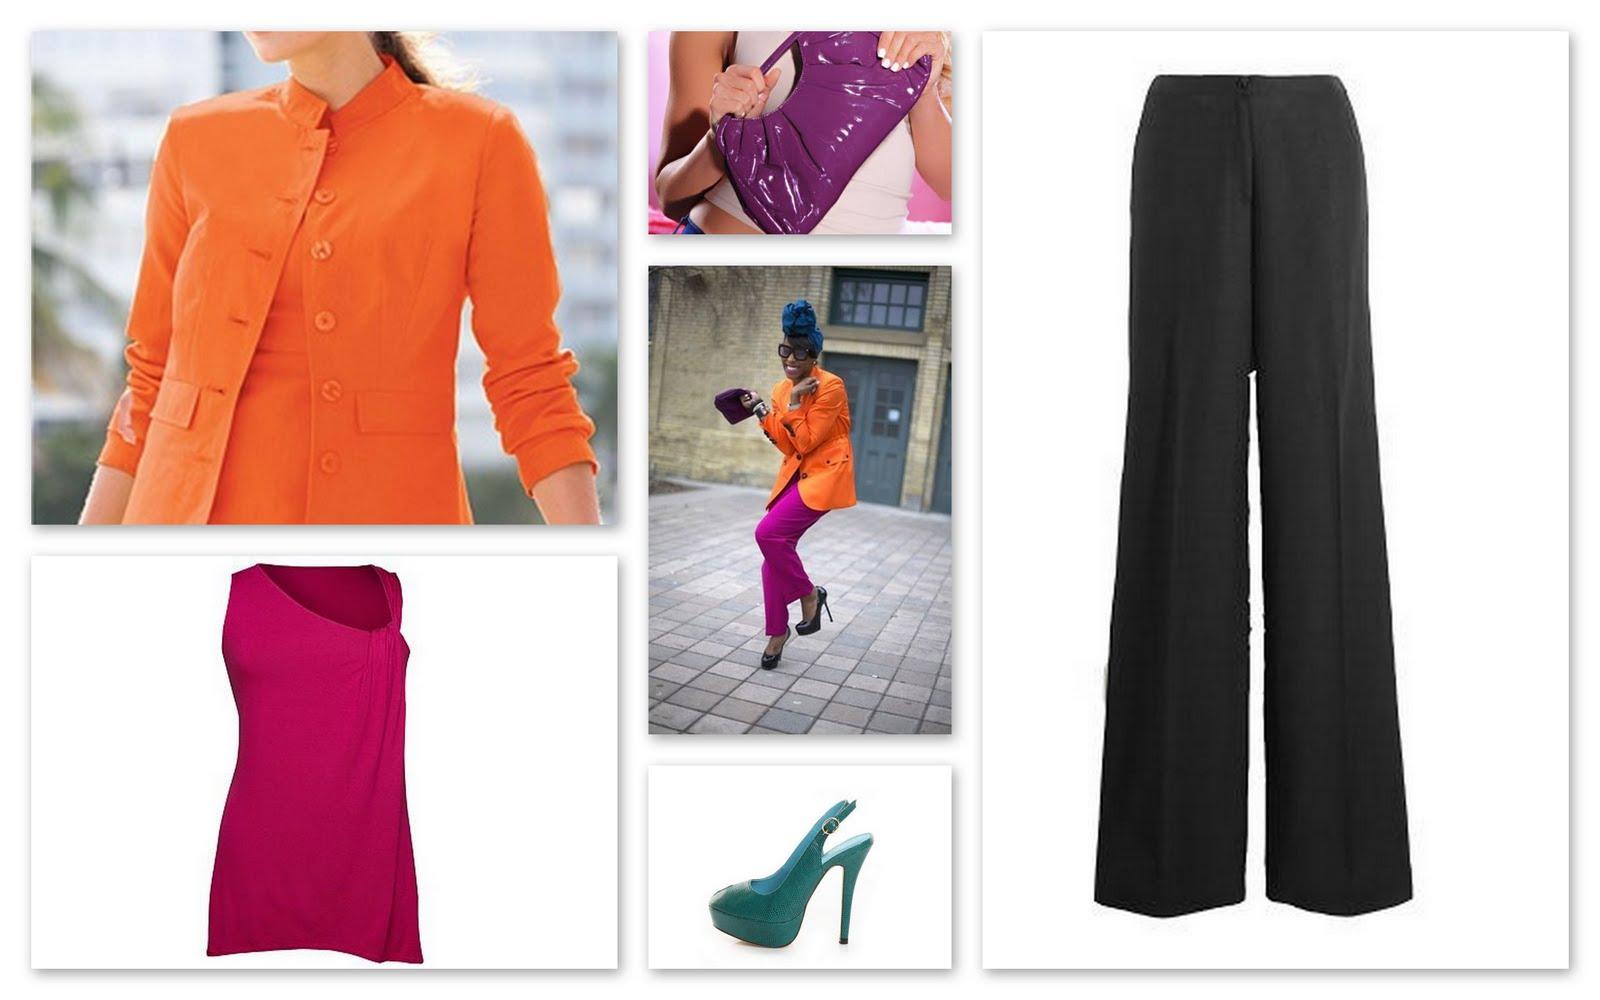 43a1df203c7 Jacket  Jessica London Blazer With Mandarin Collar in Dark Orange ( 49.99 -   54.99